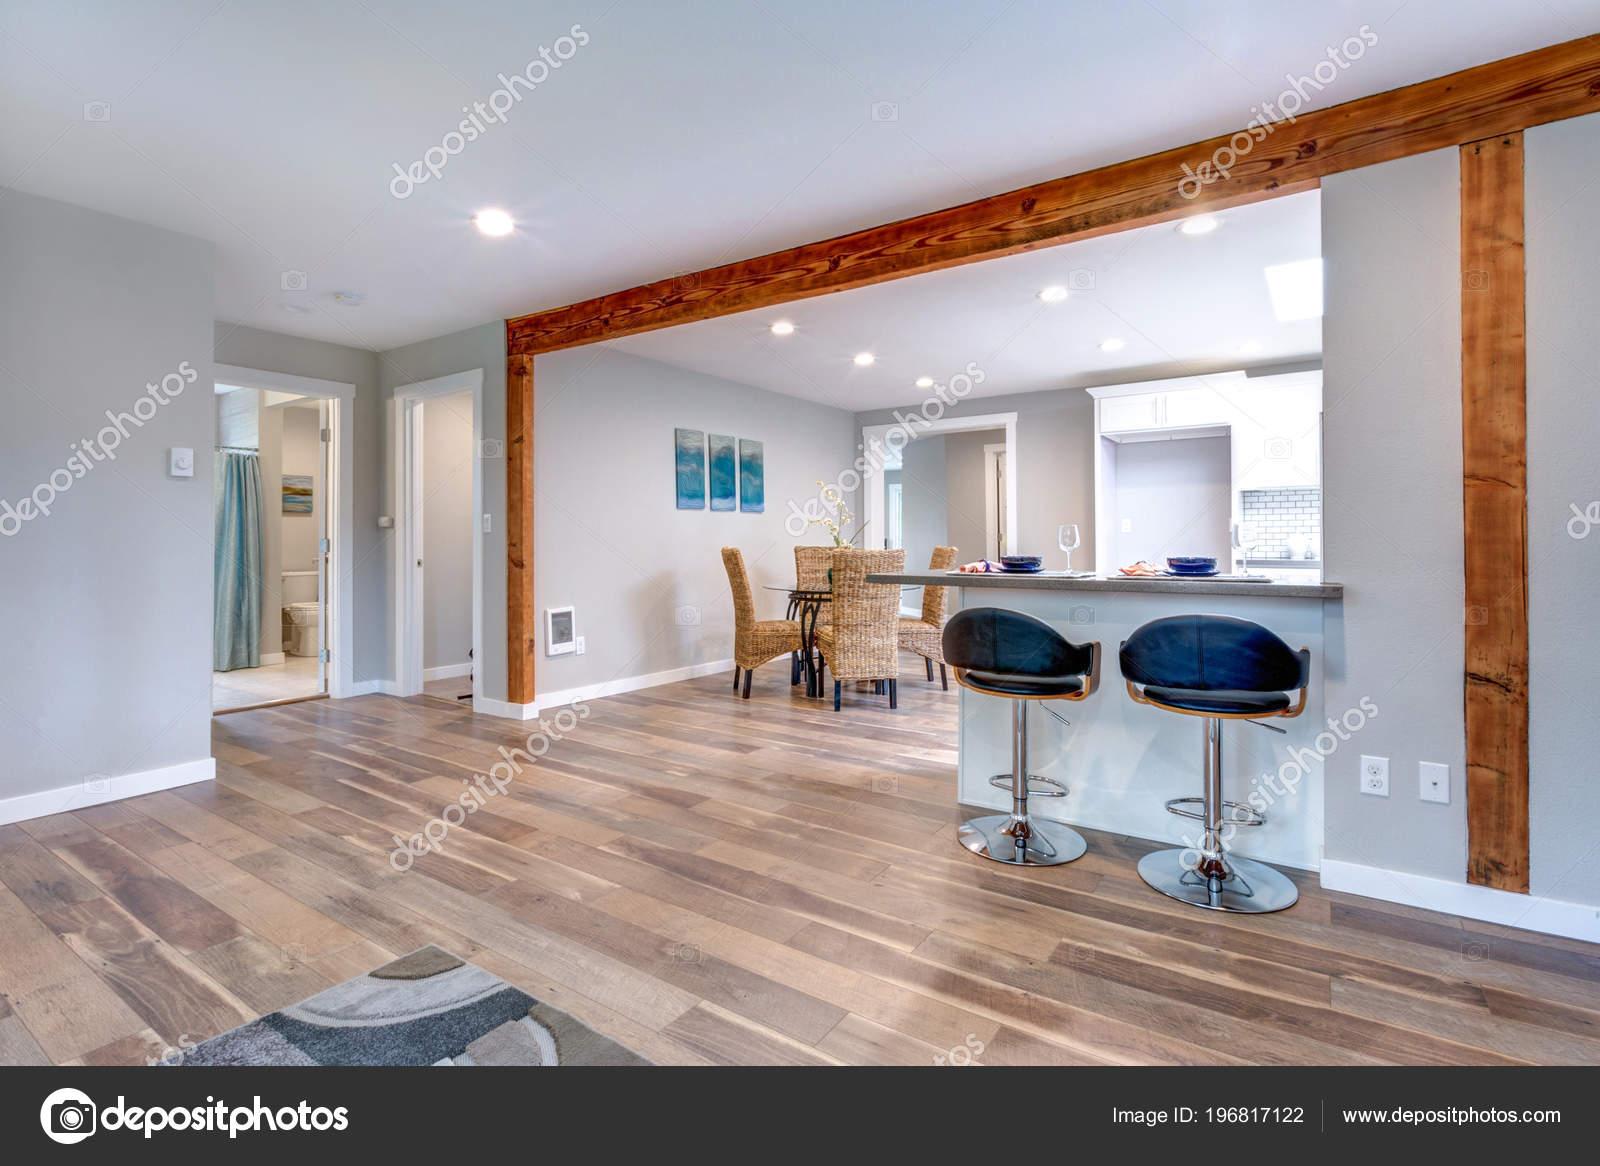 Interior Casa Concepto Abierto Con Piso Madera Monton Espacio Foto